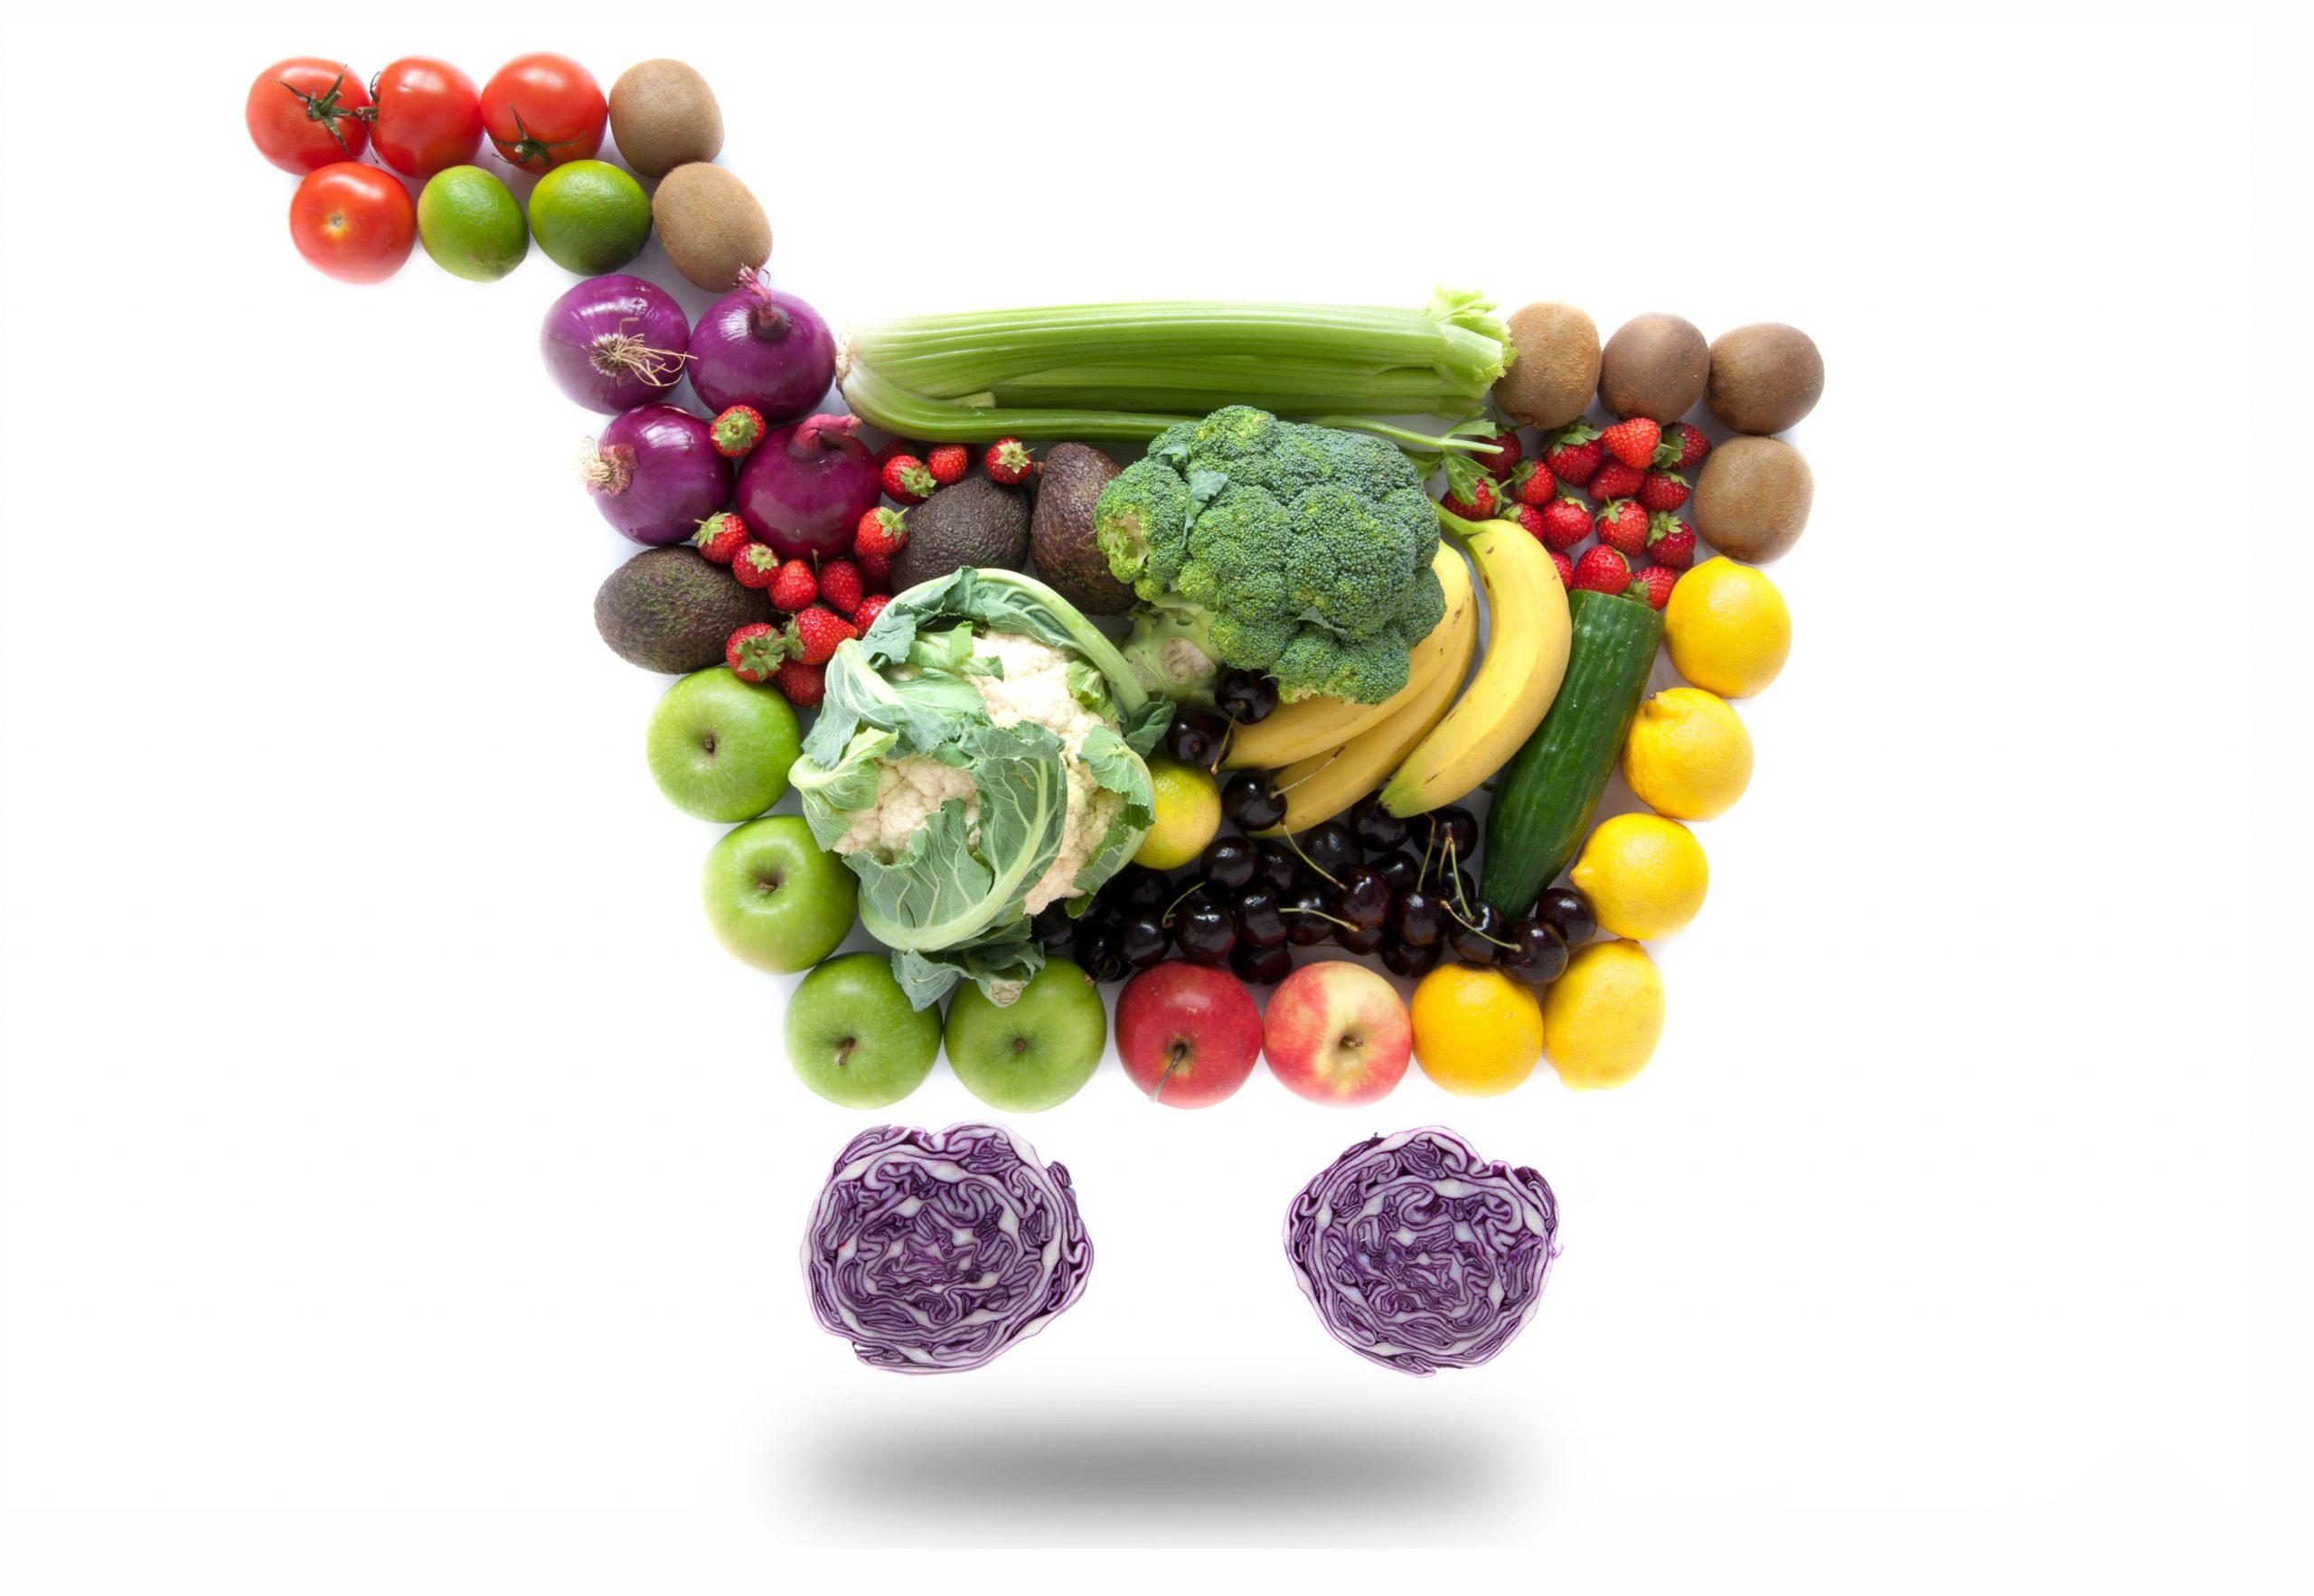 Einkaufskorb mit Obst und Gemüse aus dem Online Supermarkt